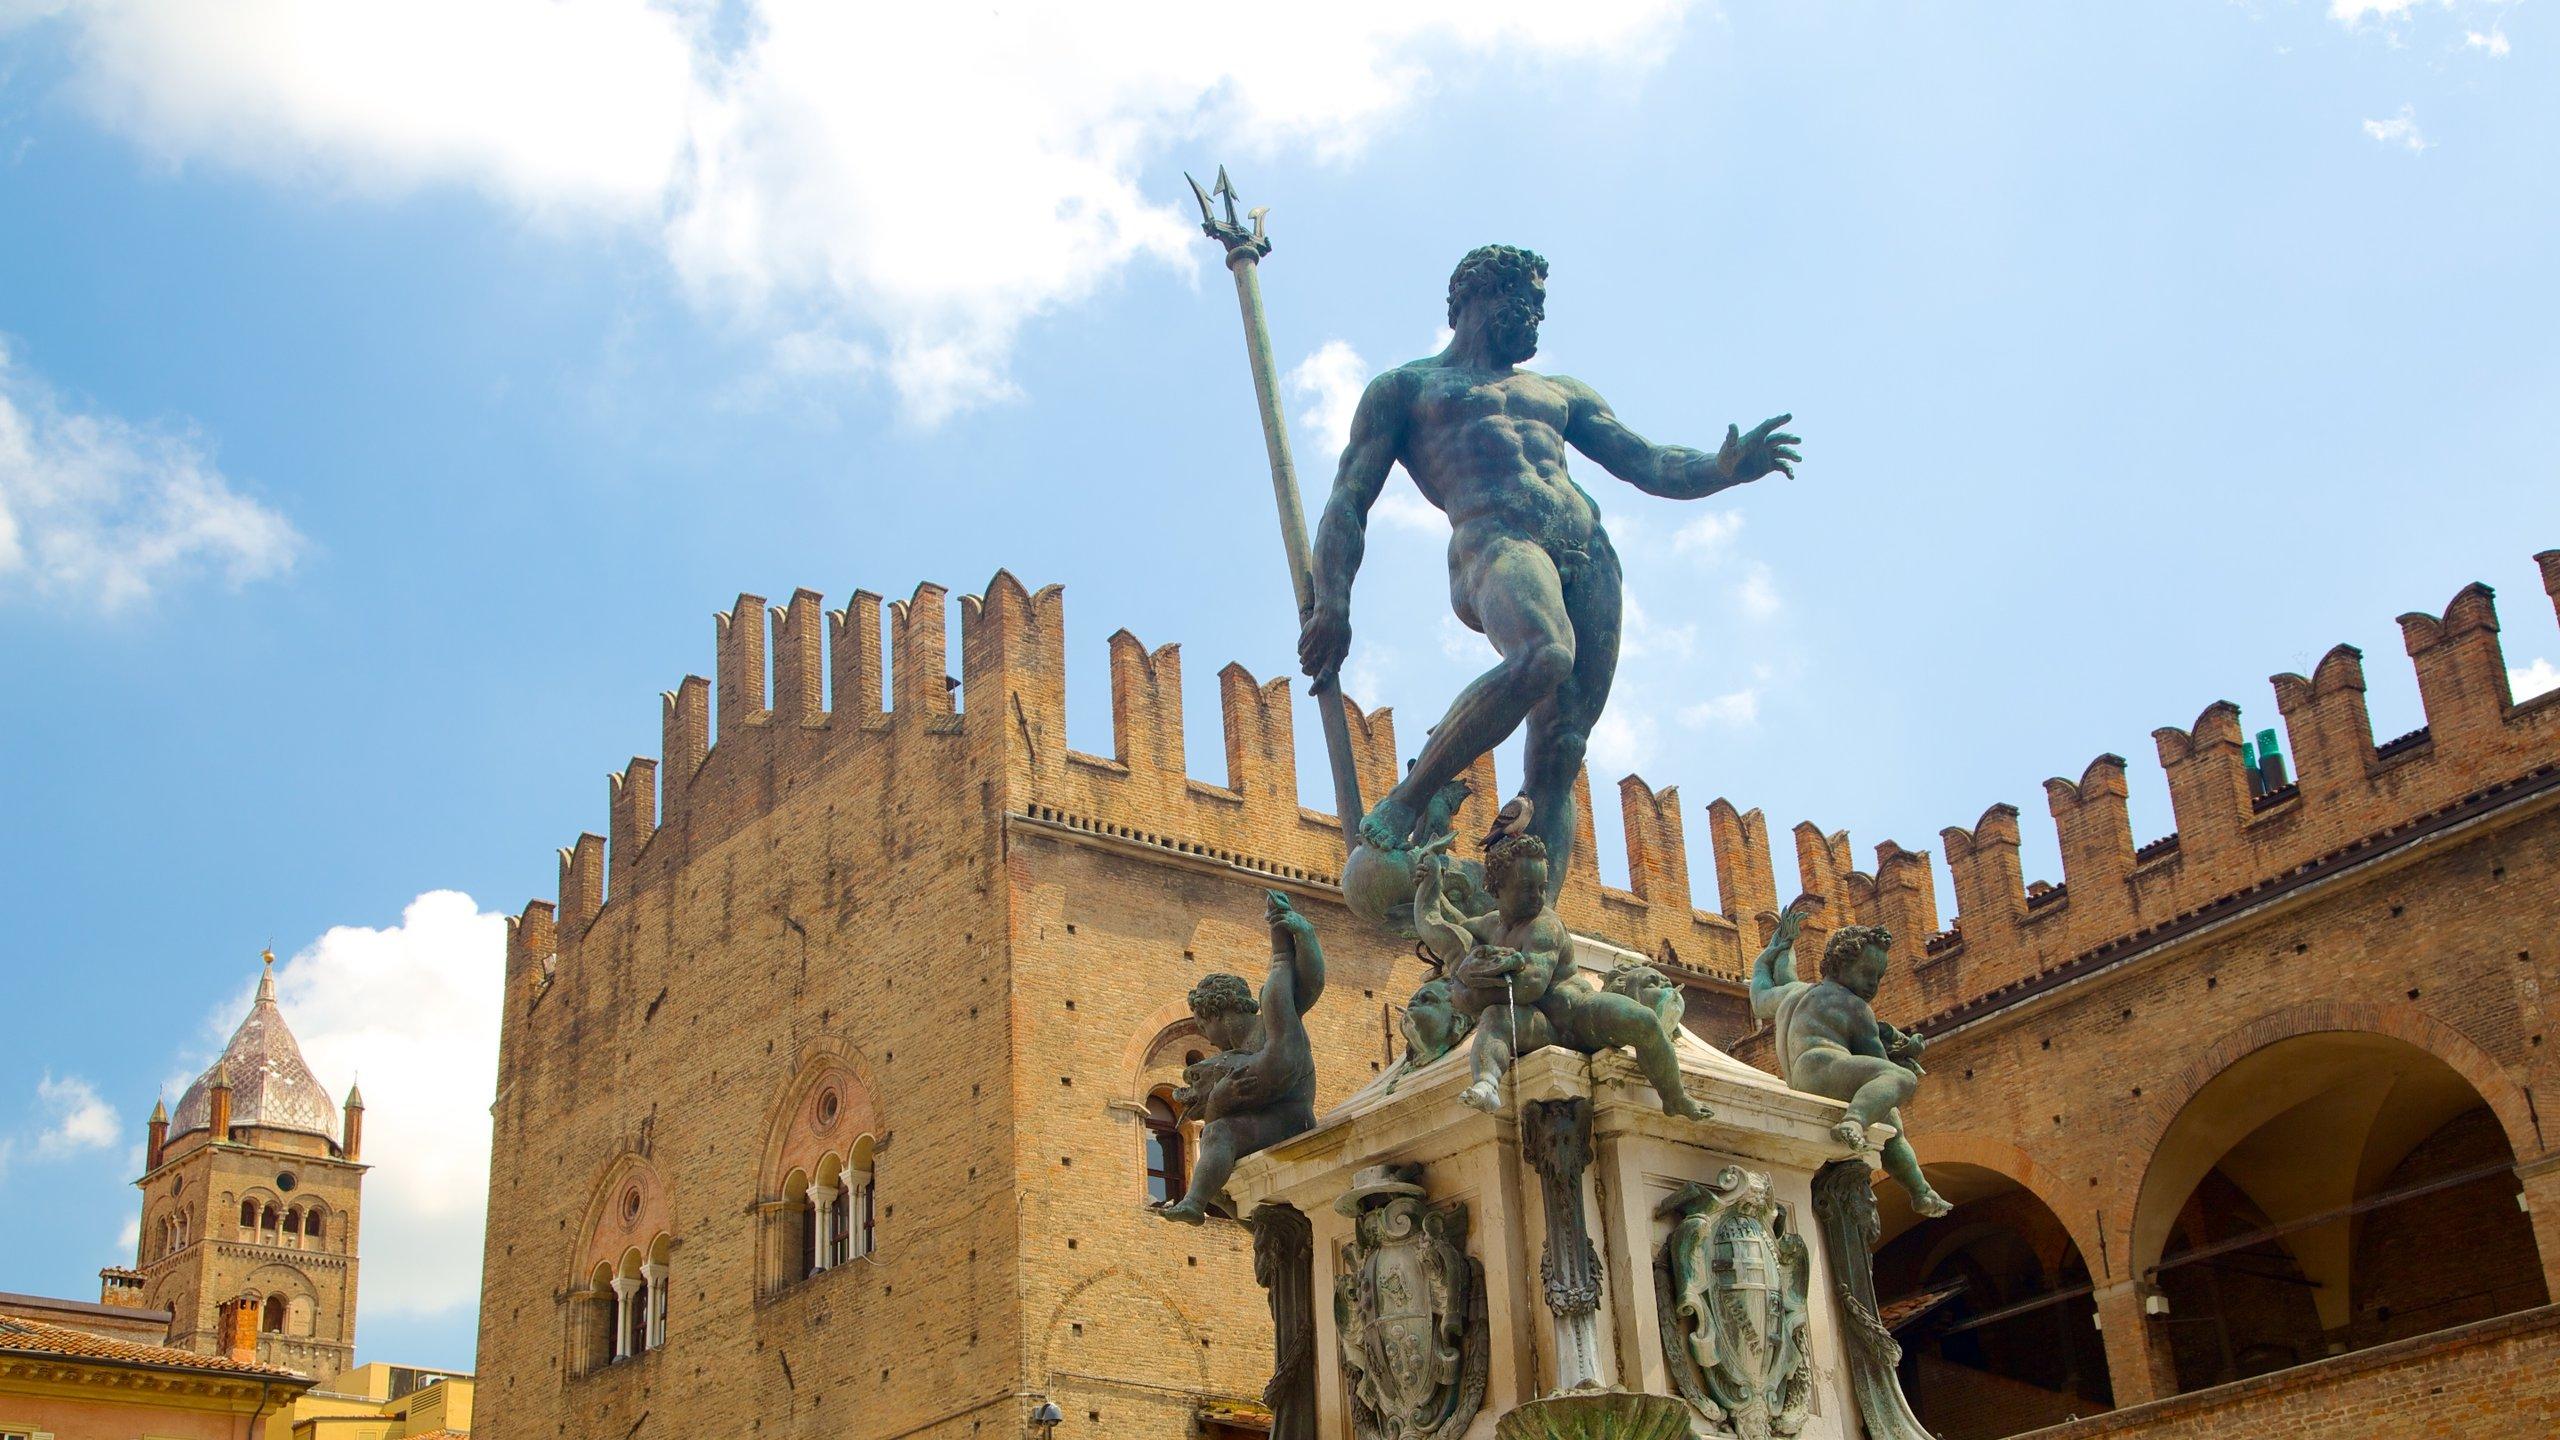 Dieses beeindruckende Kunstwerk ist eines der bekanntesten Wahrzeichen von Bologna und ein wichtiger öffentlicher Treffpunkt.